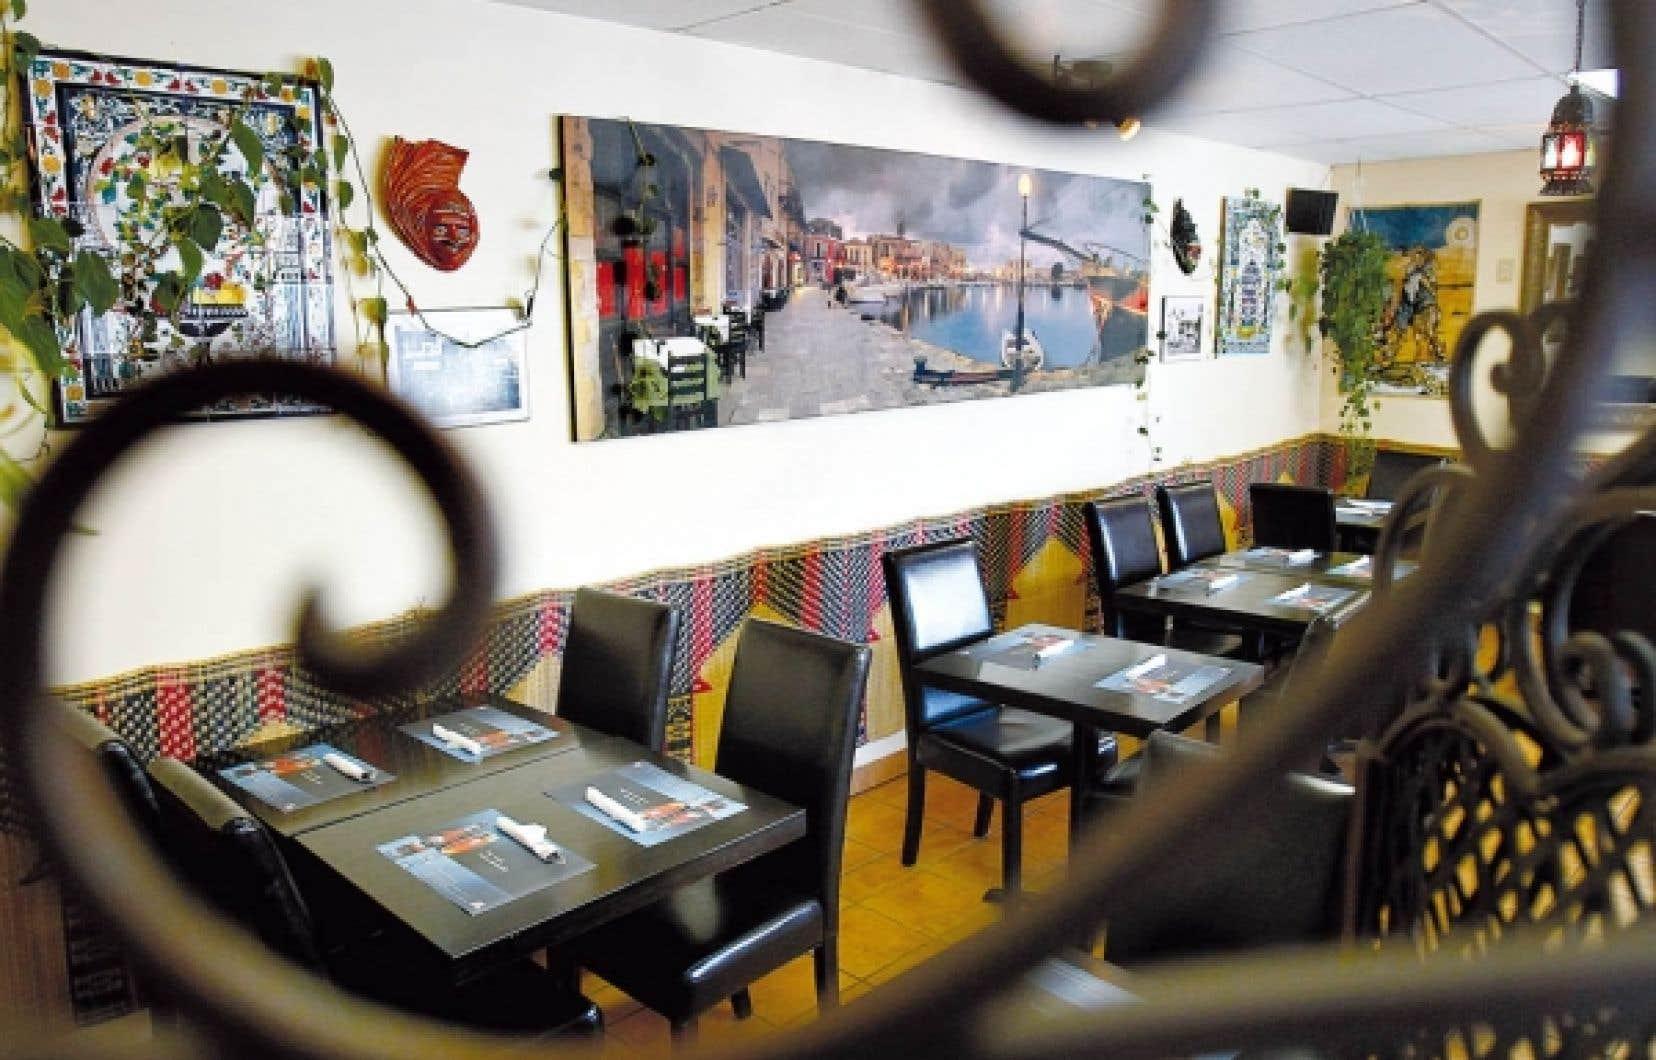 Le resto-café Au Port de la Goulette offre une cuisine inspirée de la Tunisie et du Maroc.<br />